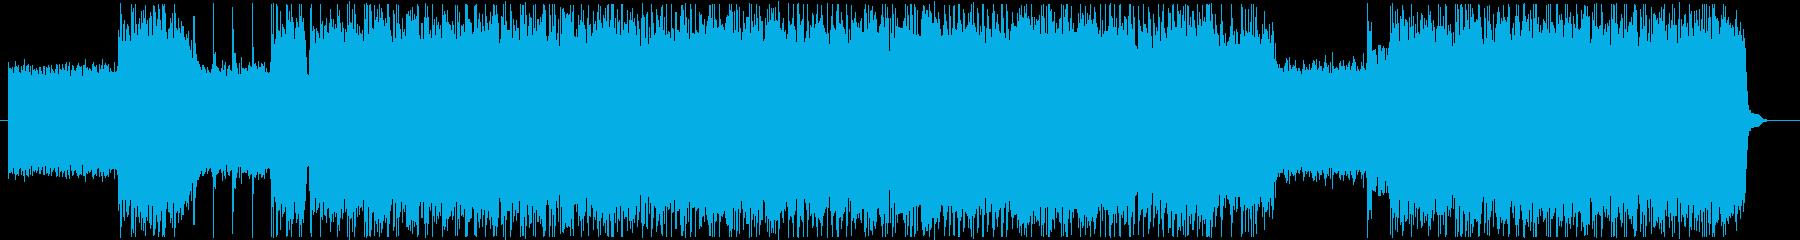 短縮Verノリの良いロックギターインストの再生済みの波形